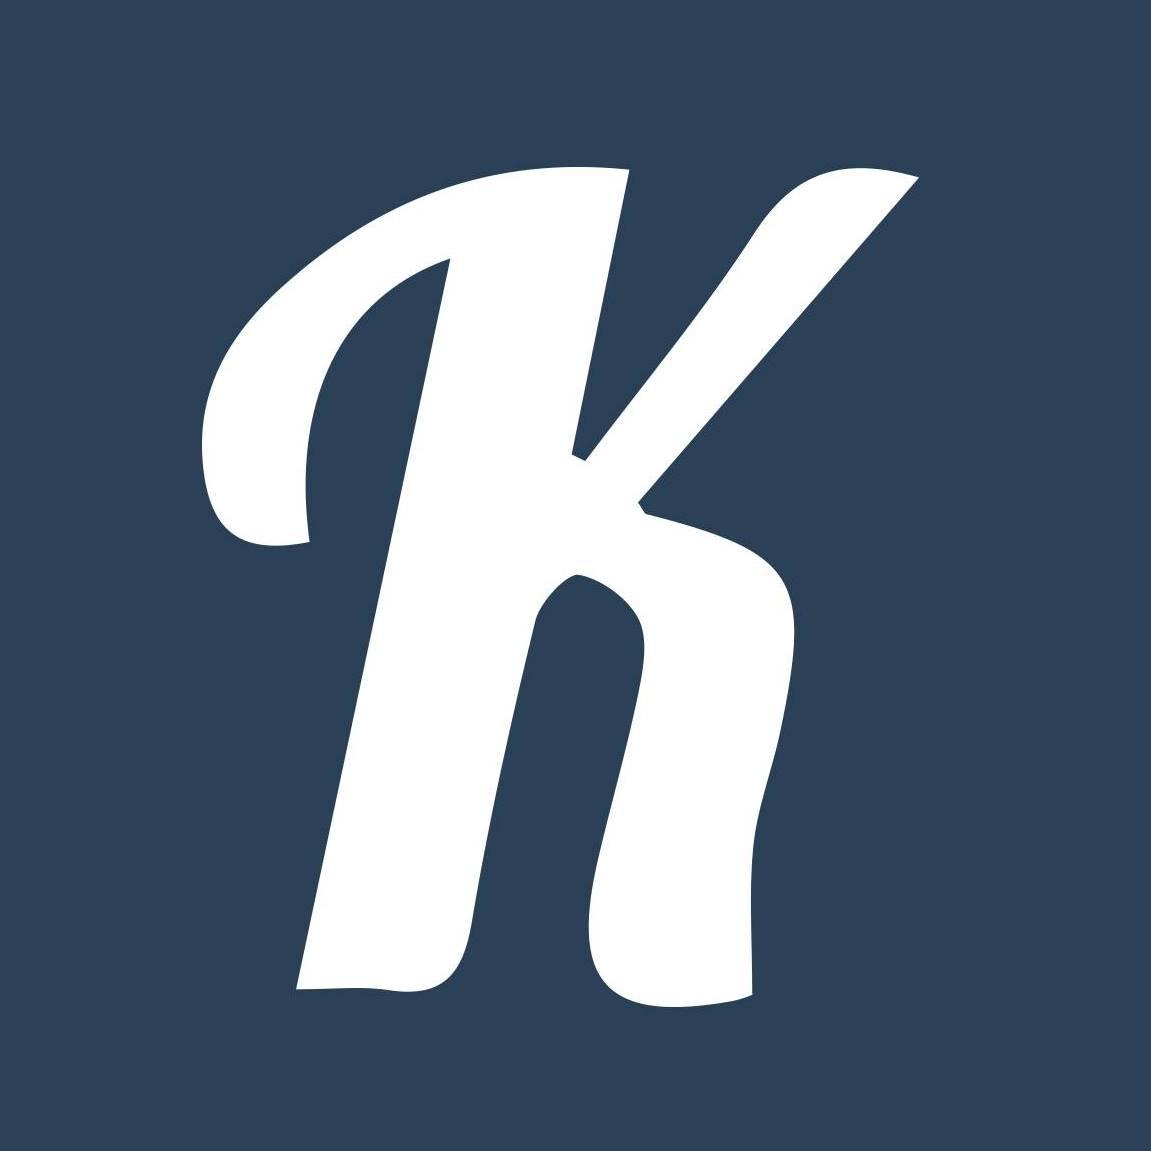 Kleta permite tener una bicicleta propia por una suscripción mensual - Diario de Emprendedores